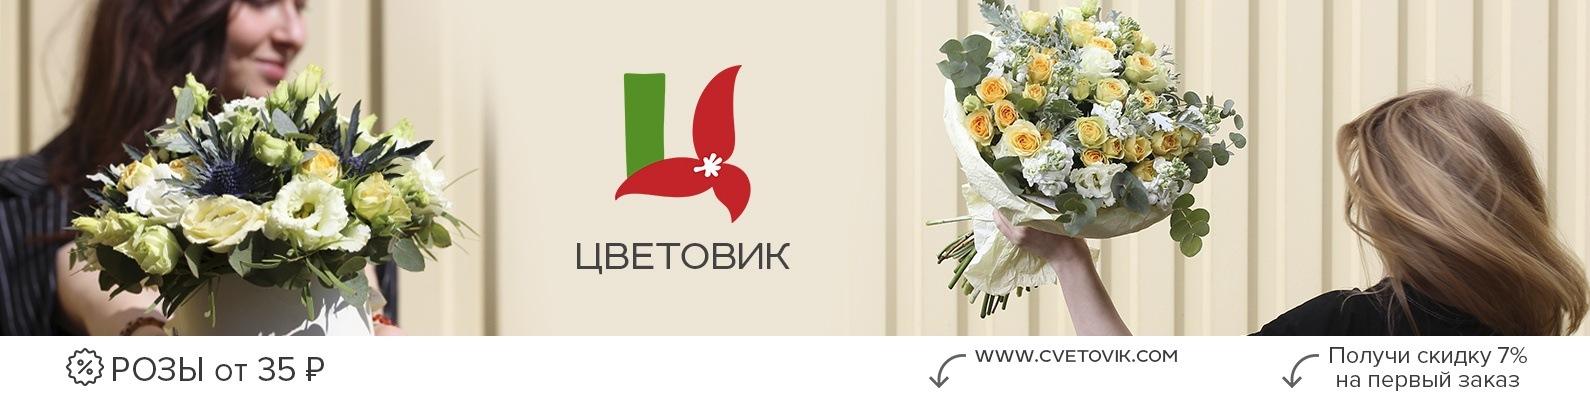 Брянске, доставка цветов спб и москва рейтинг